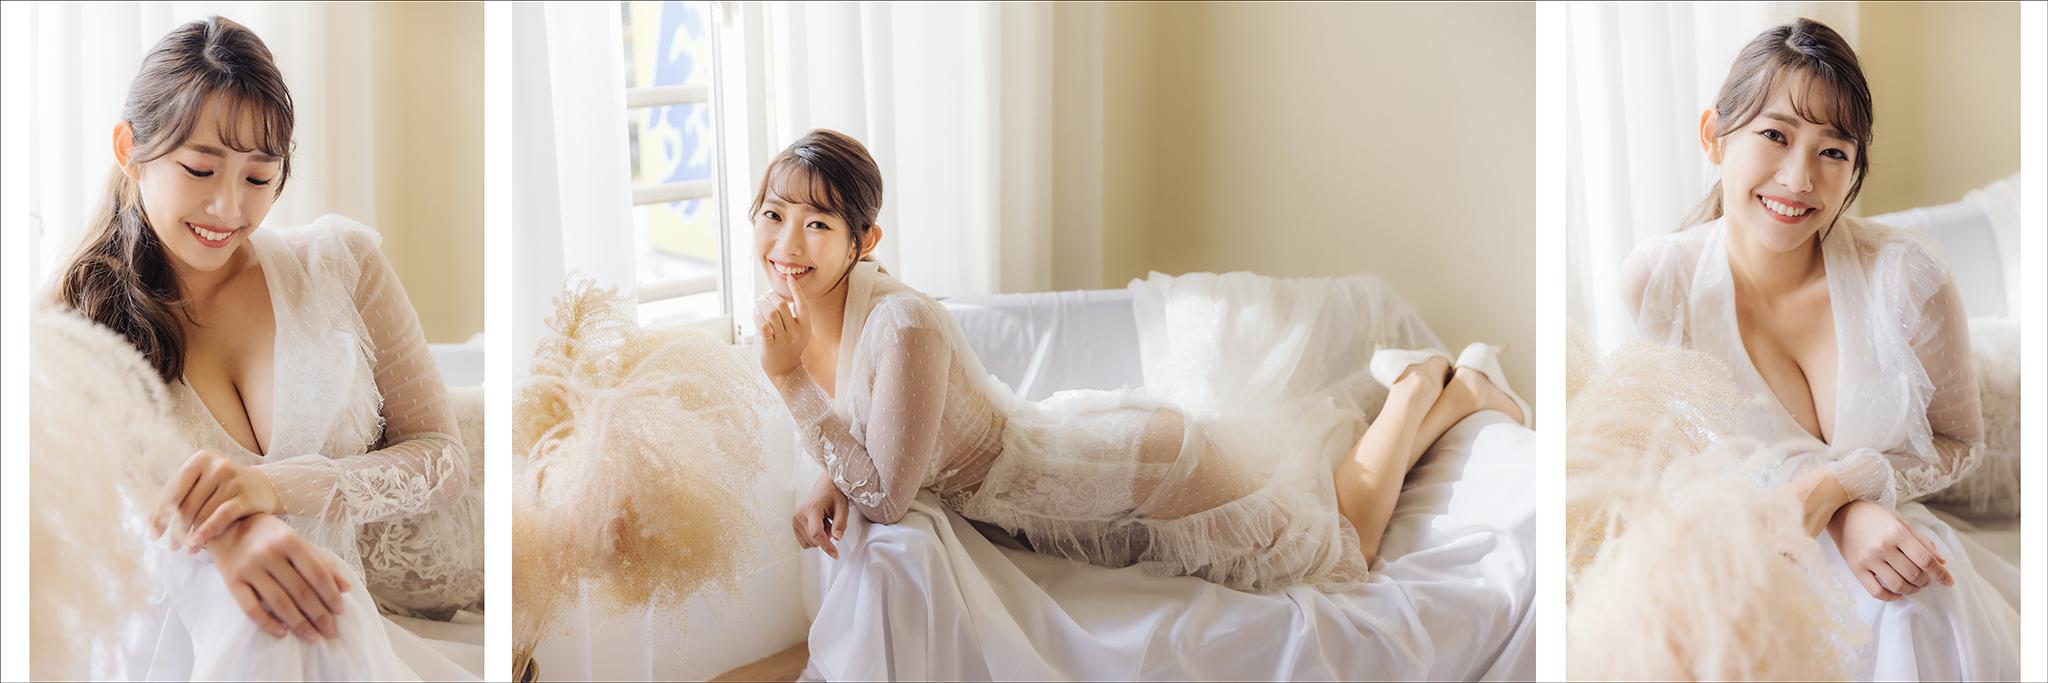 51577688973 1e7814cd7e o - 【自主婚紗】+江jiang+